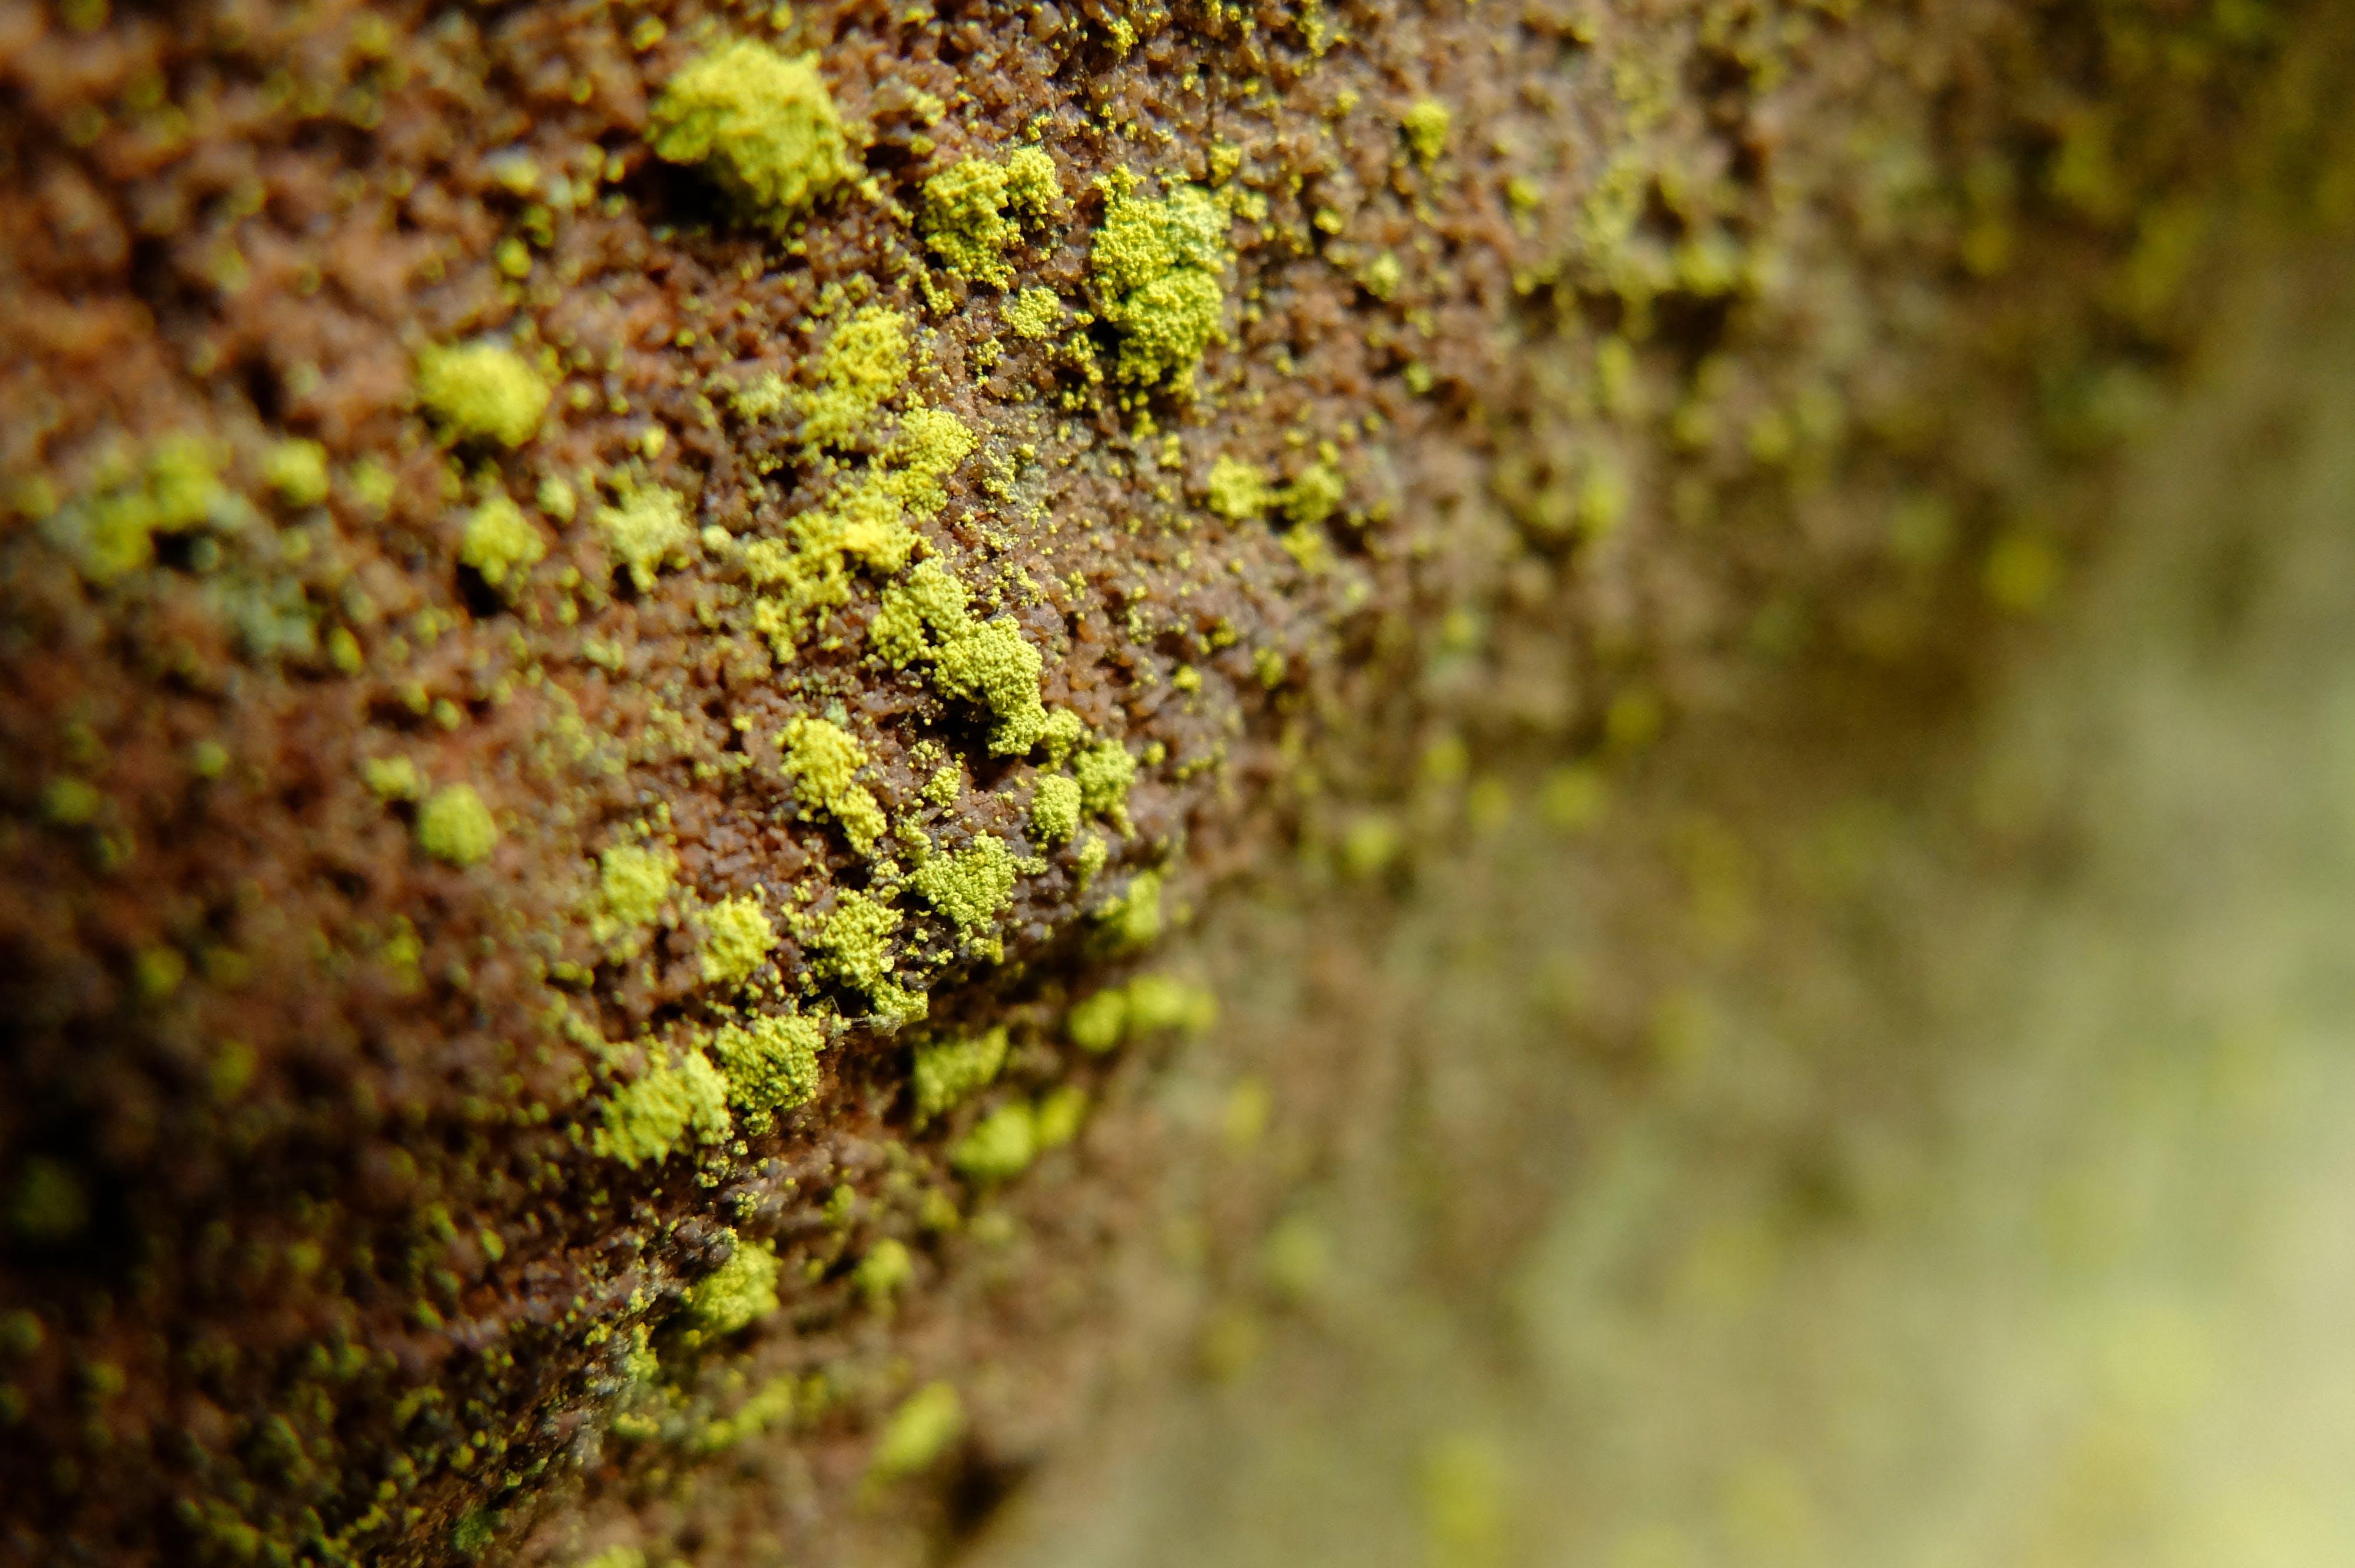 Free stock photo of algae, plant, stone, wet